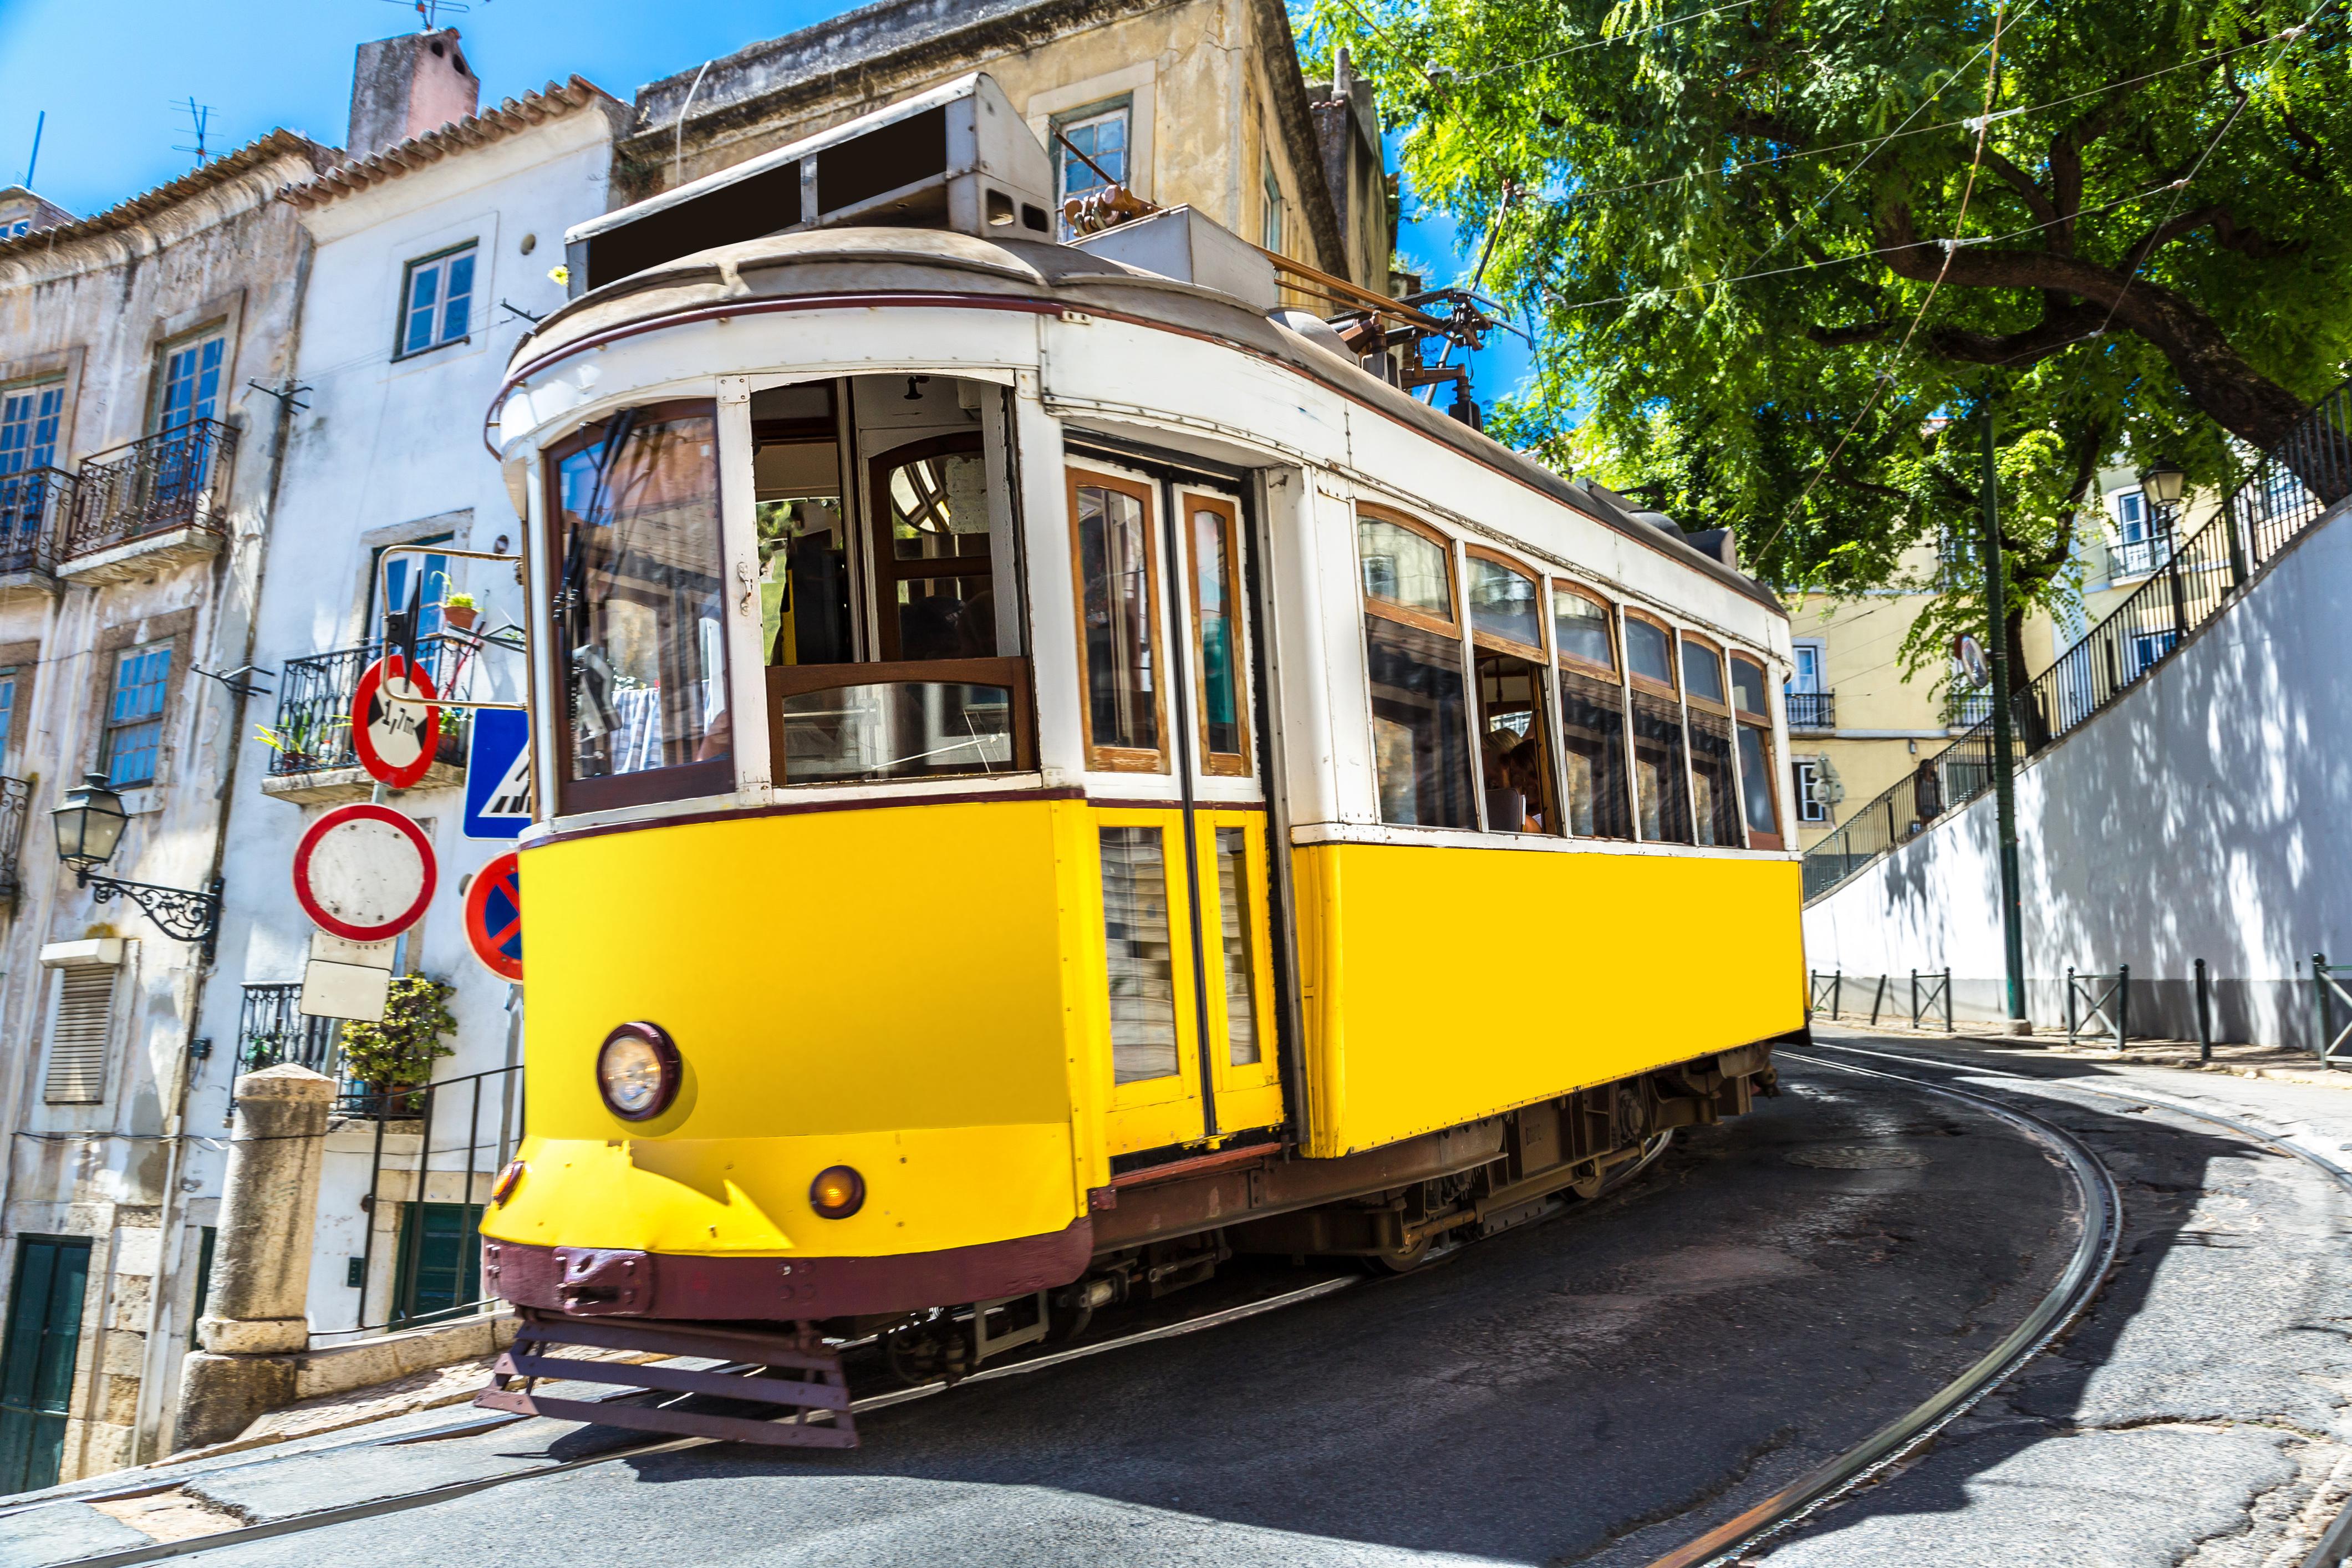 visiter Lisbonne pour un week-end prolongé